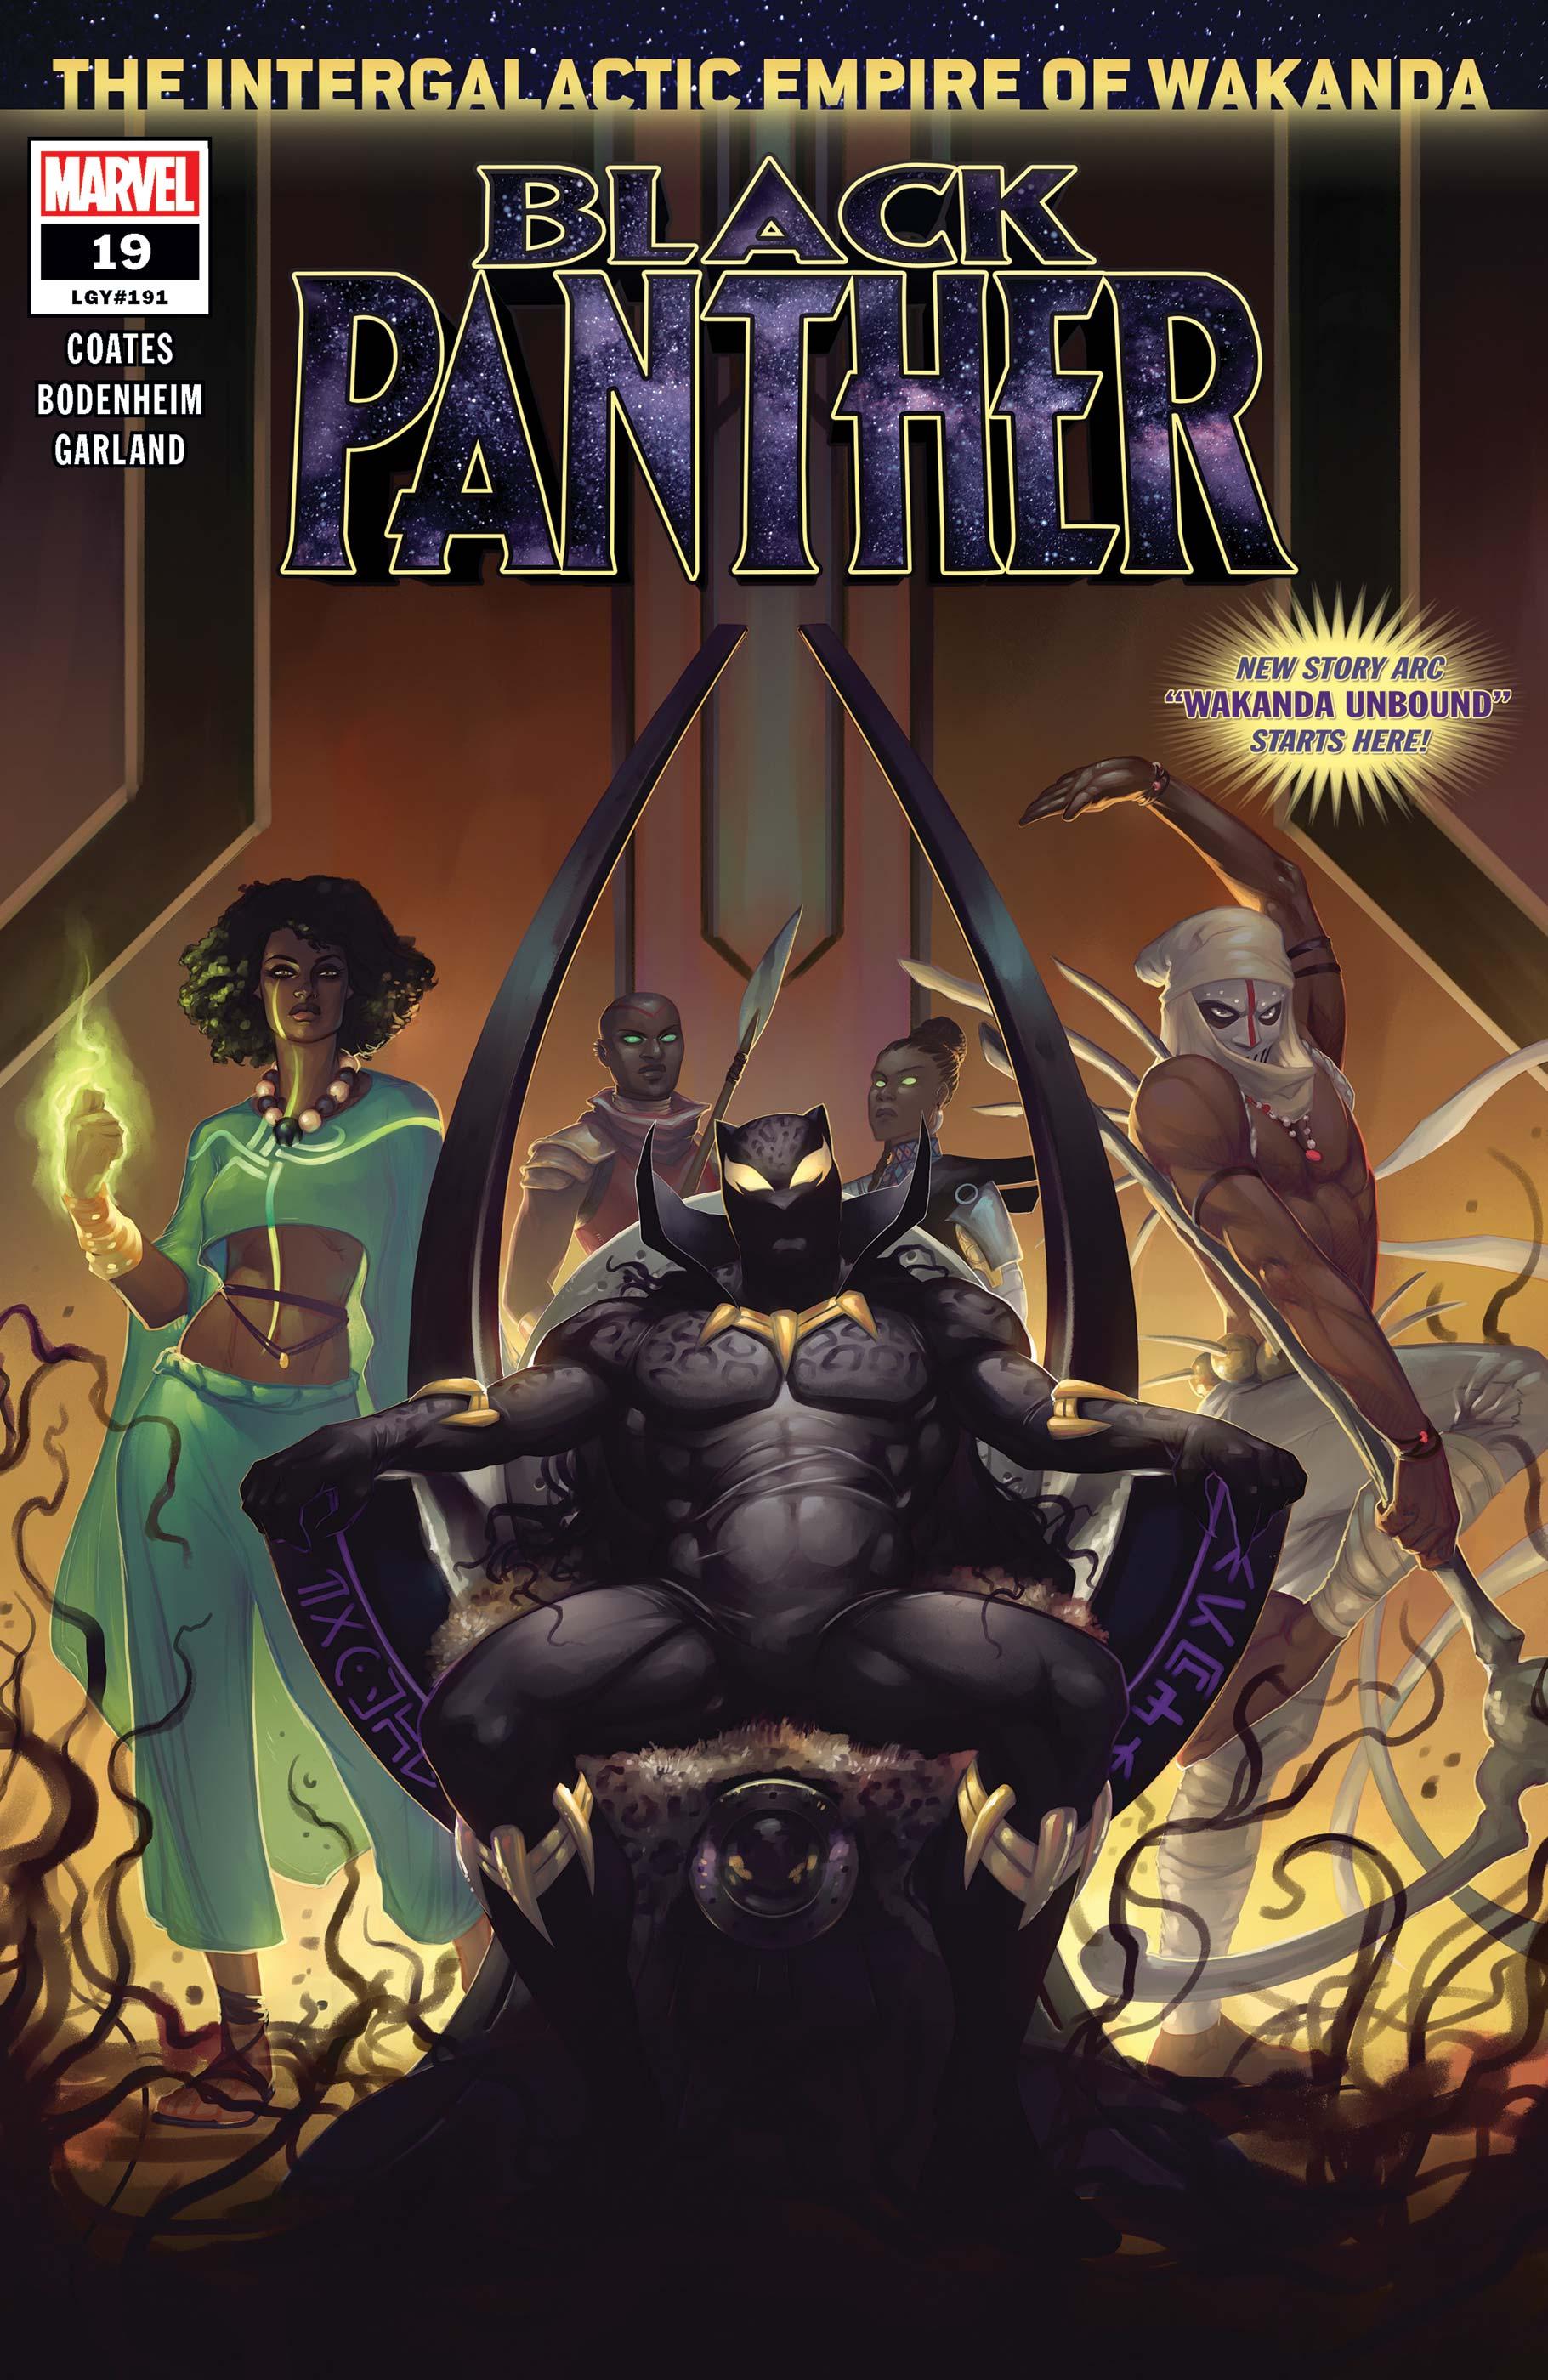 Black Panther (2018) #19